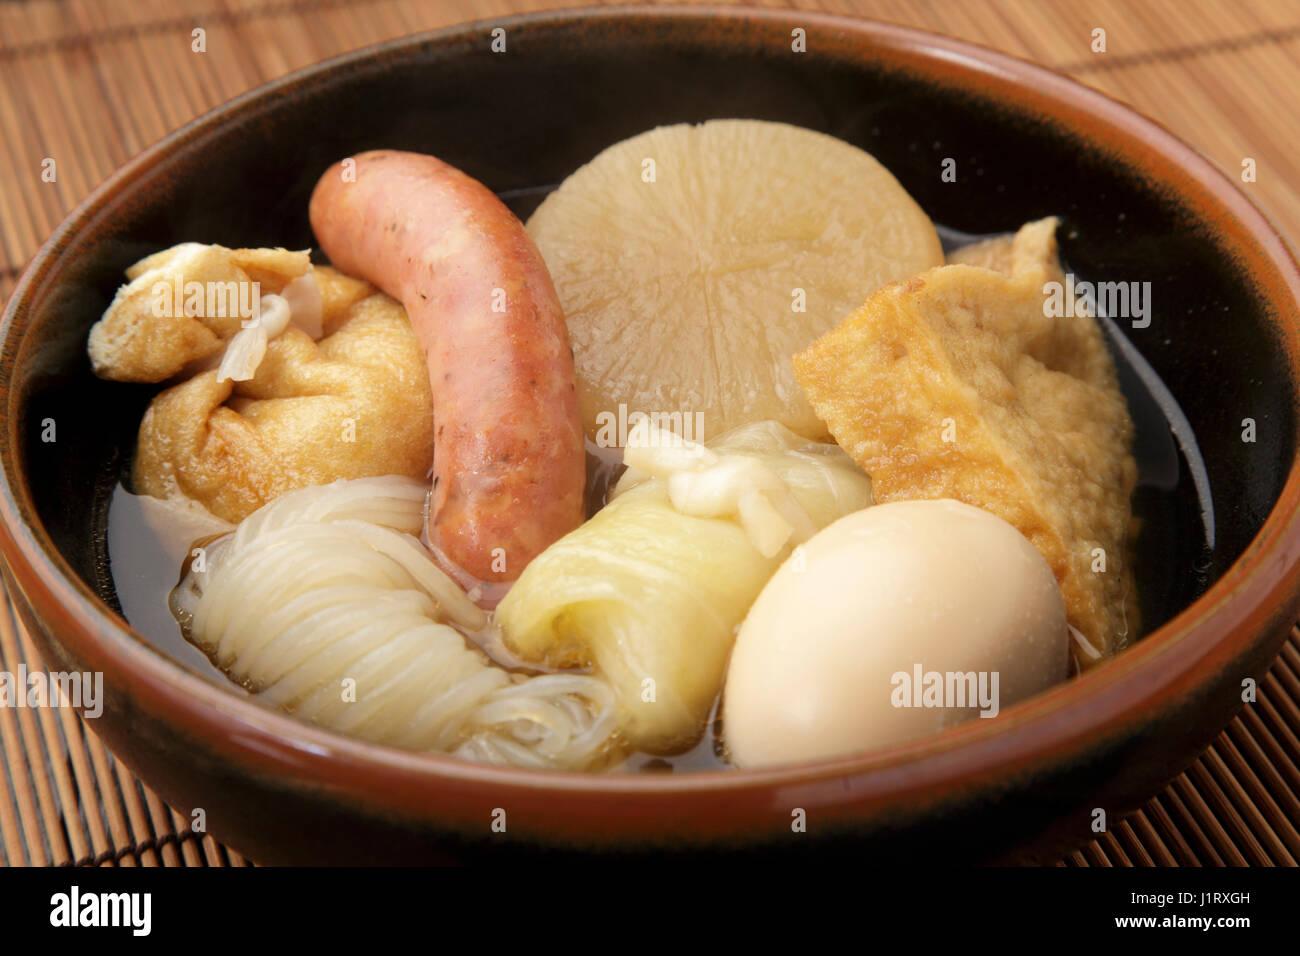 Nouilles chinoises avec saucisses, œufs et radis waton Photo Stock